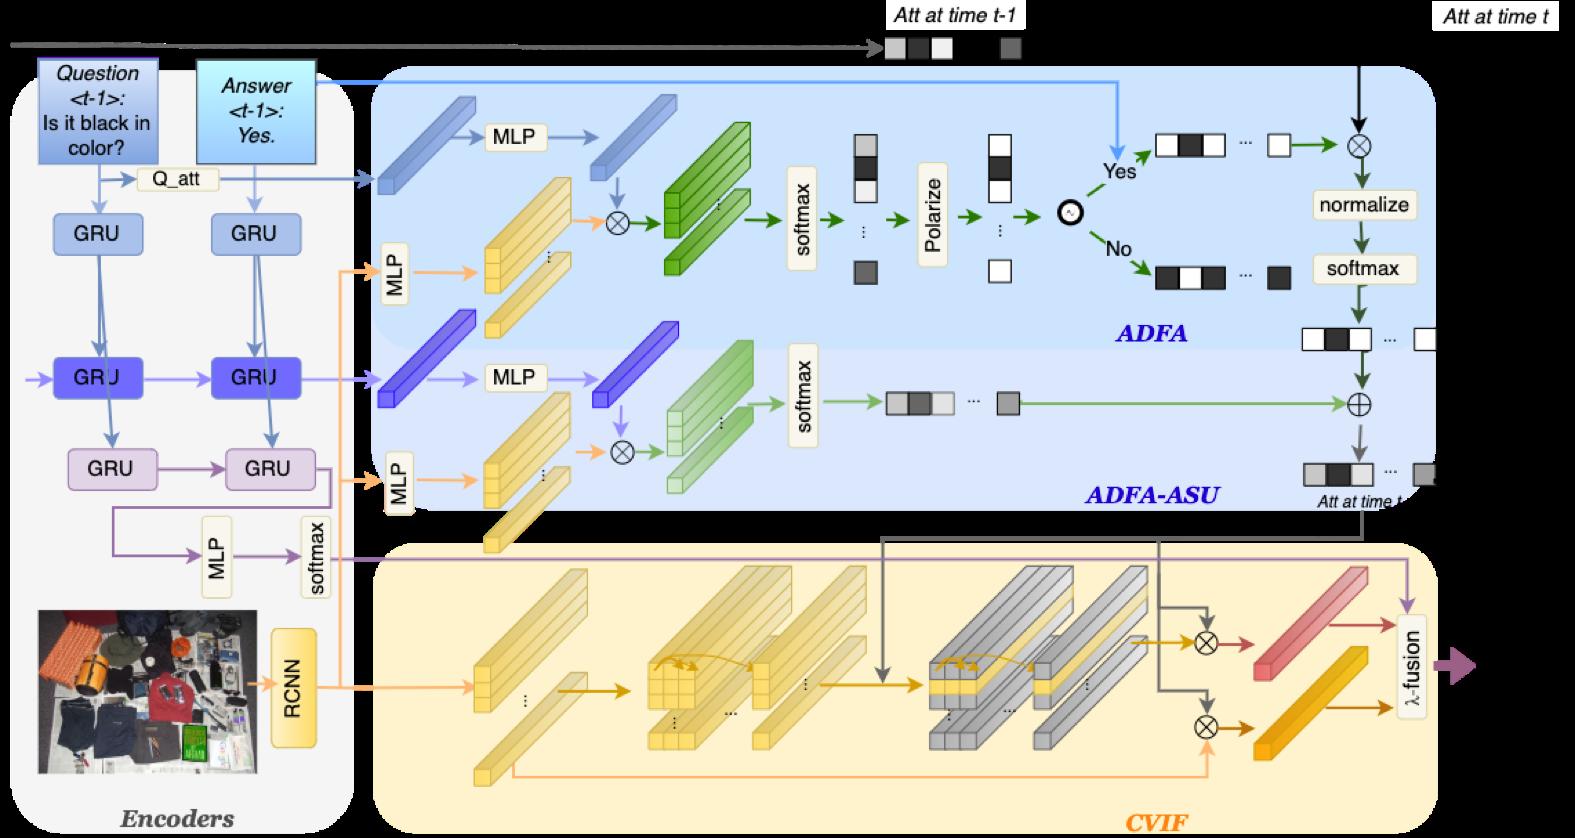 图2 响应驱动的视觉状态估计器框架图